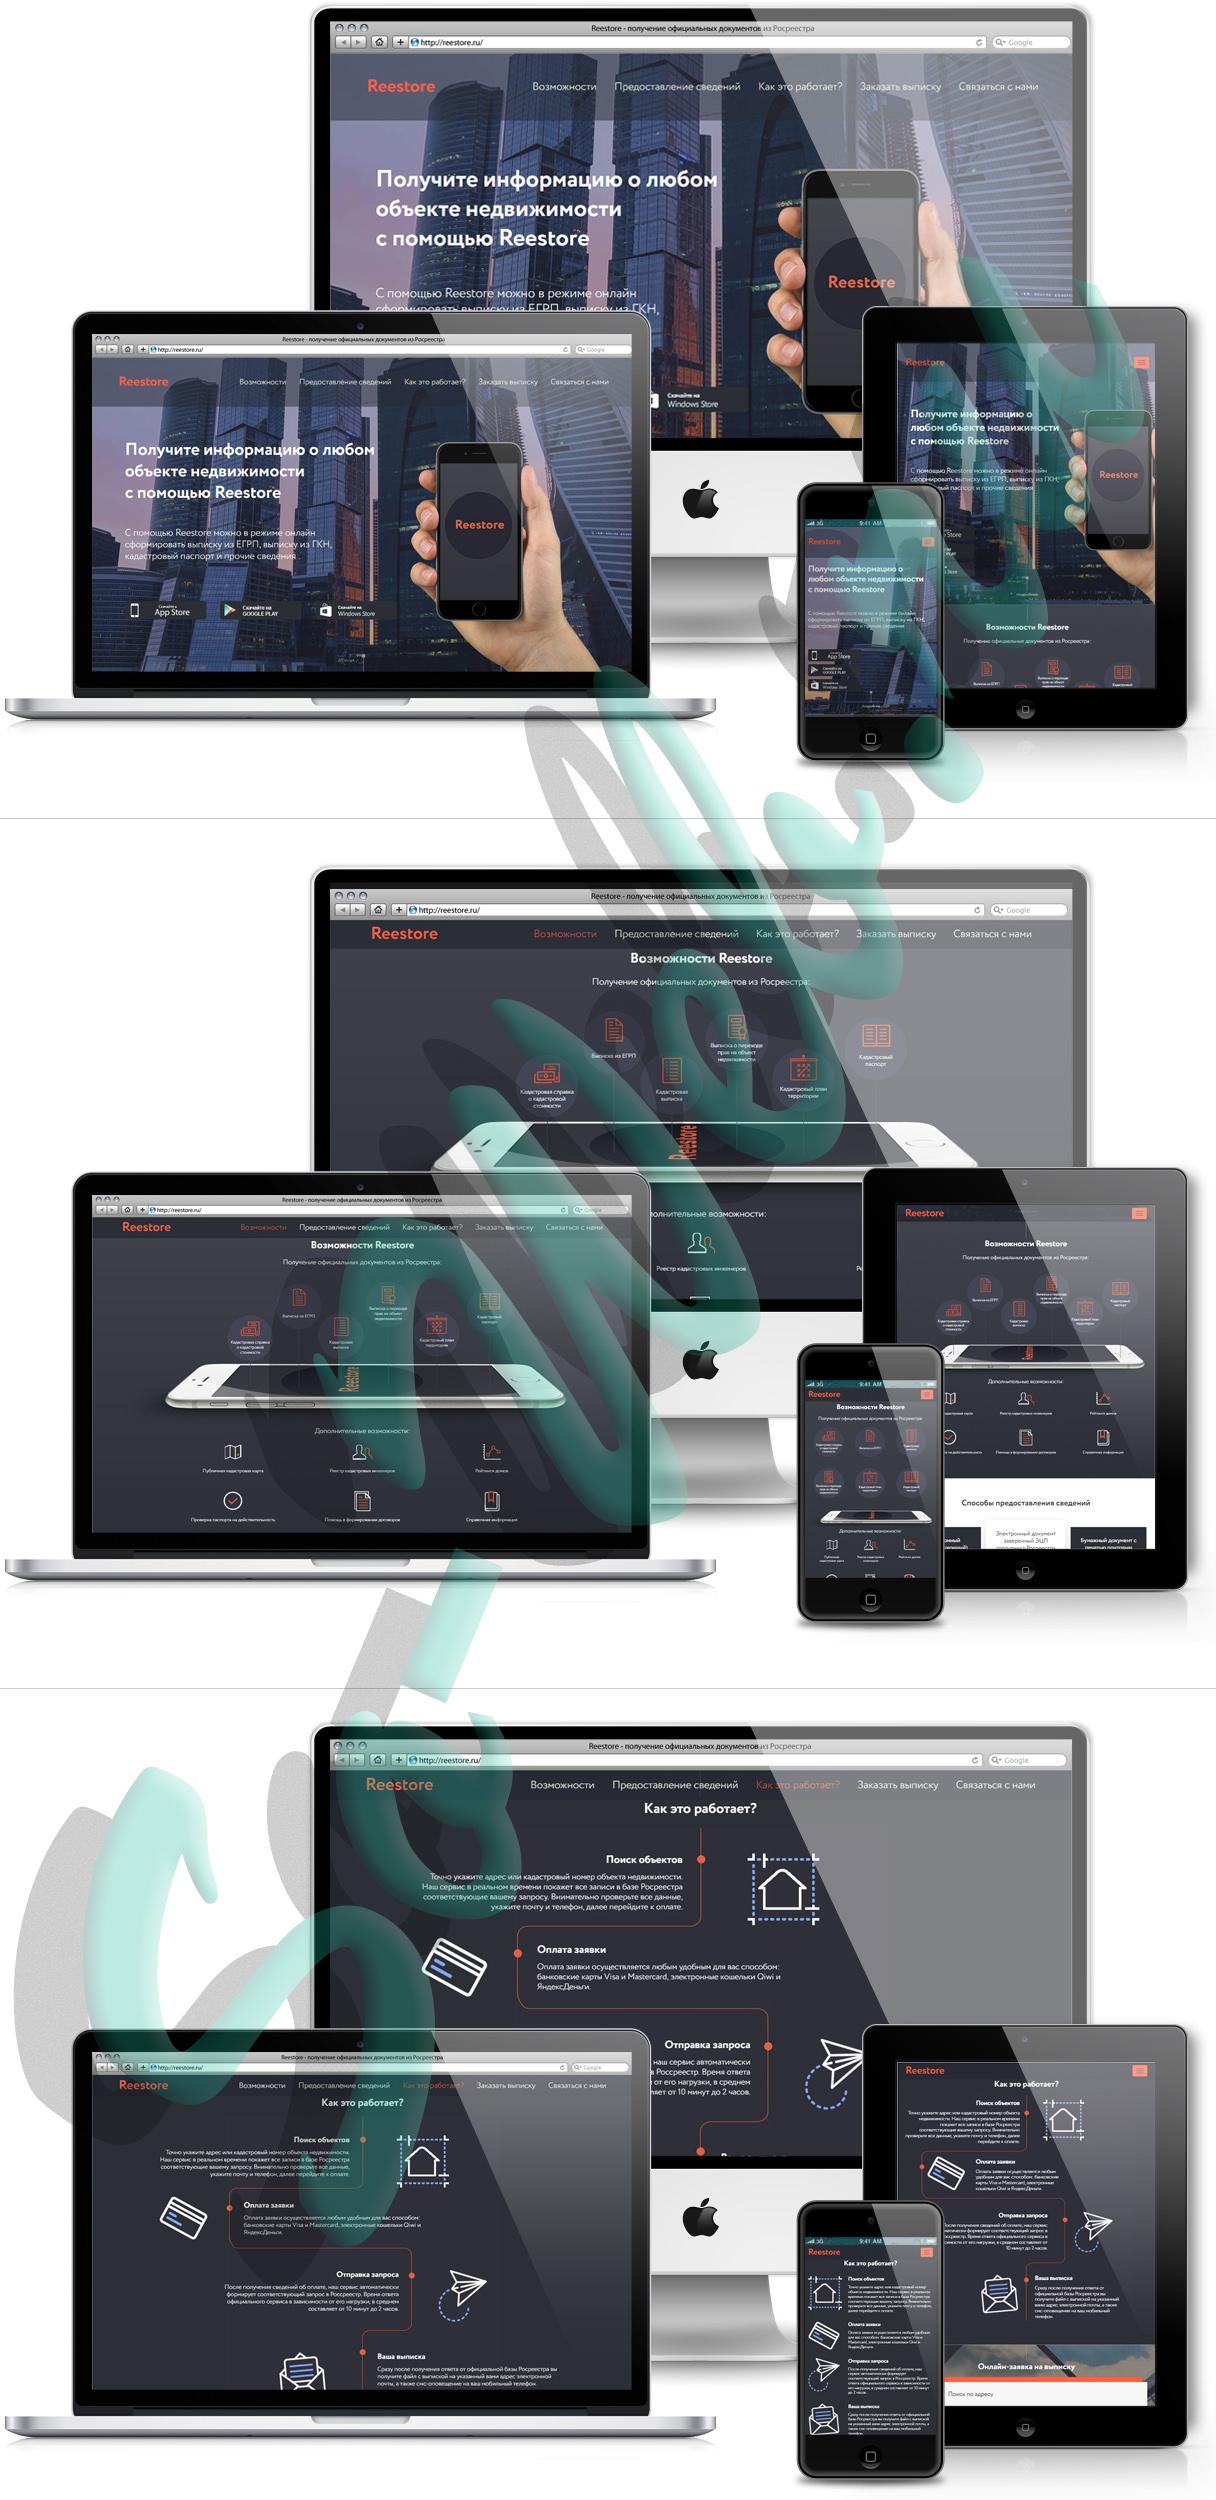 Адаптивная верстка Landing Page из PSD в HTML на Bootstrap - Reestore